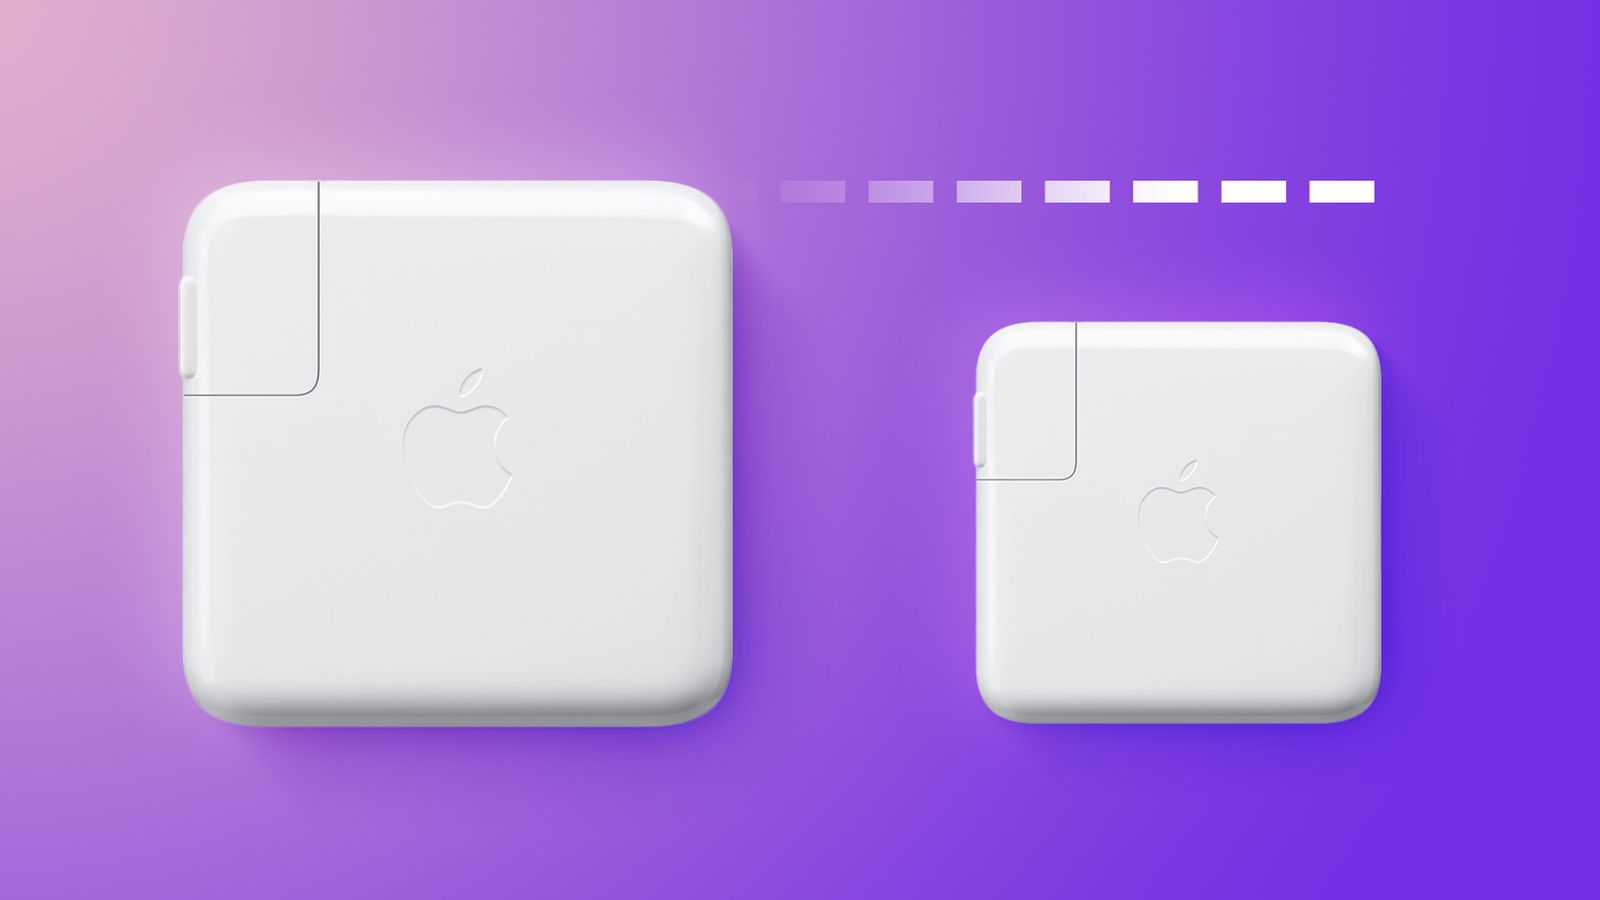 شارژهای سریعتر و کوچکتر اپل احتمالا با فناوری GaN عرضه میشوند